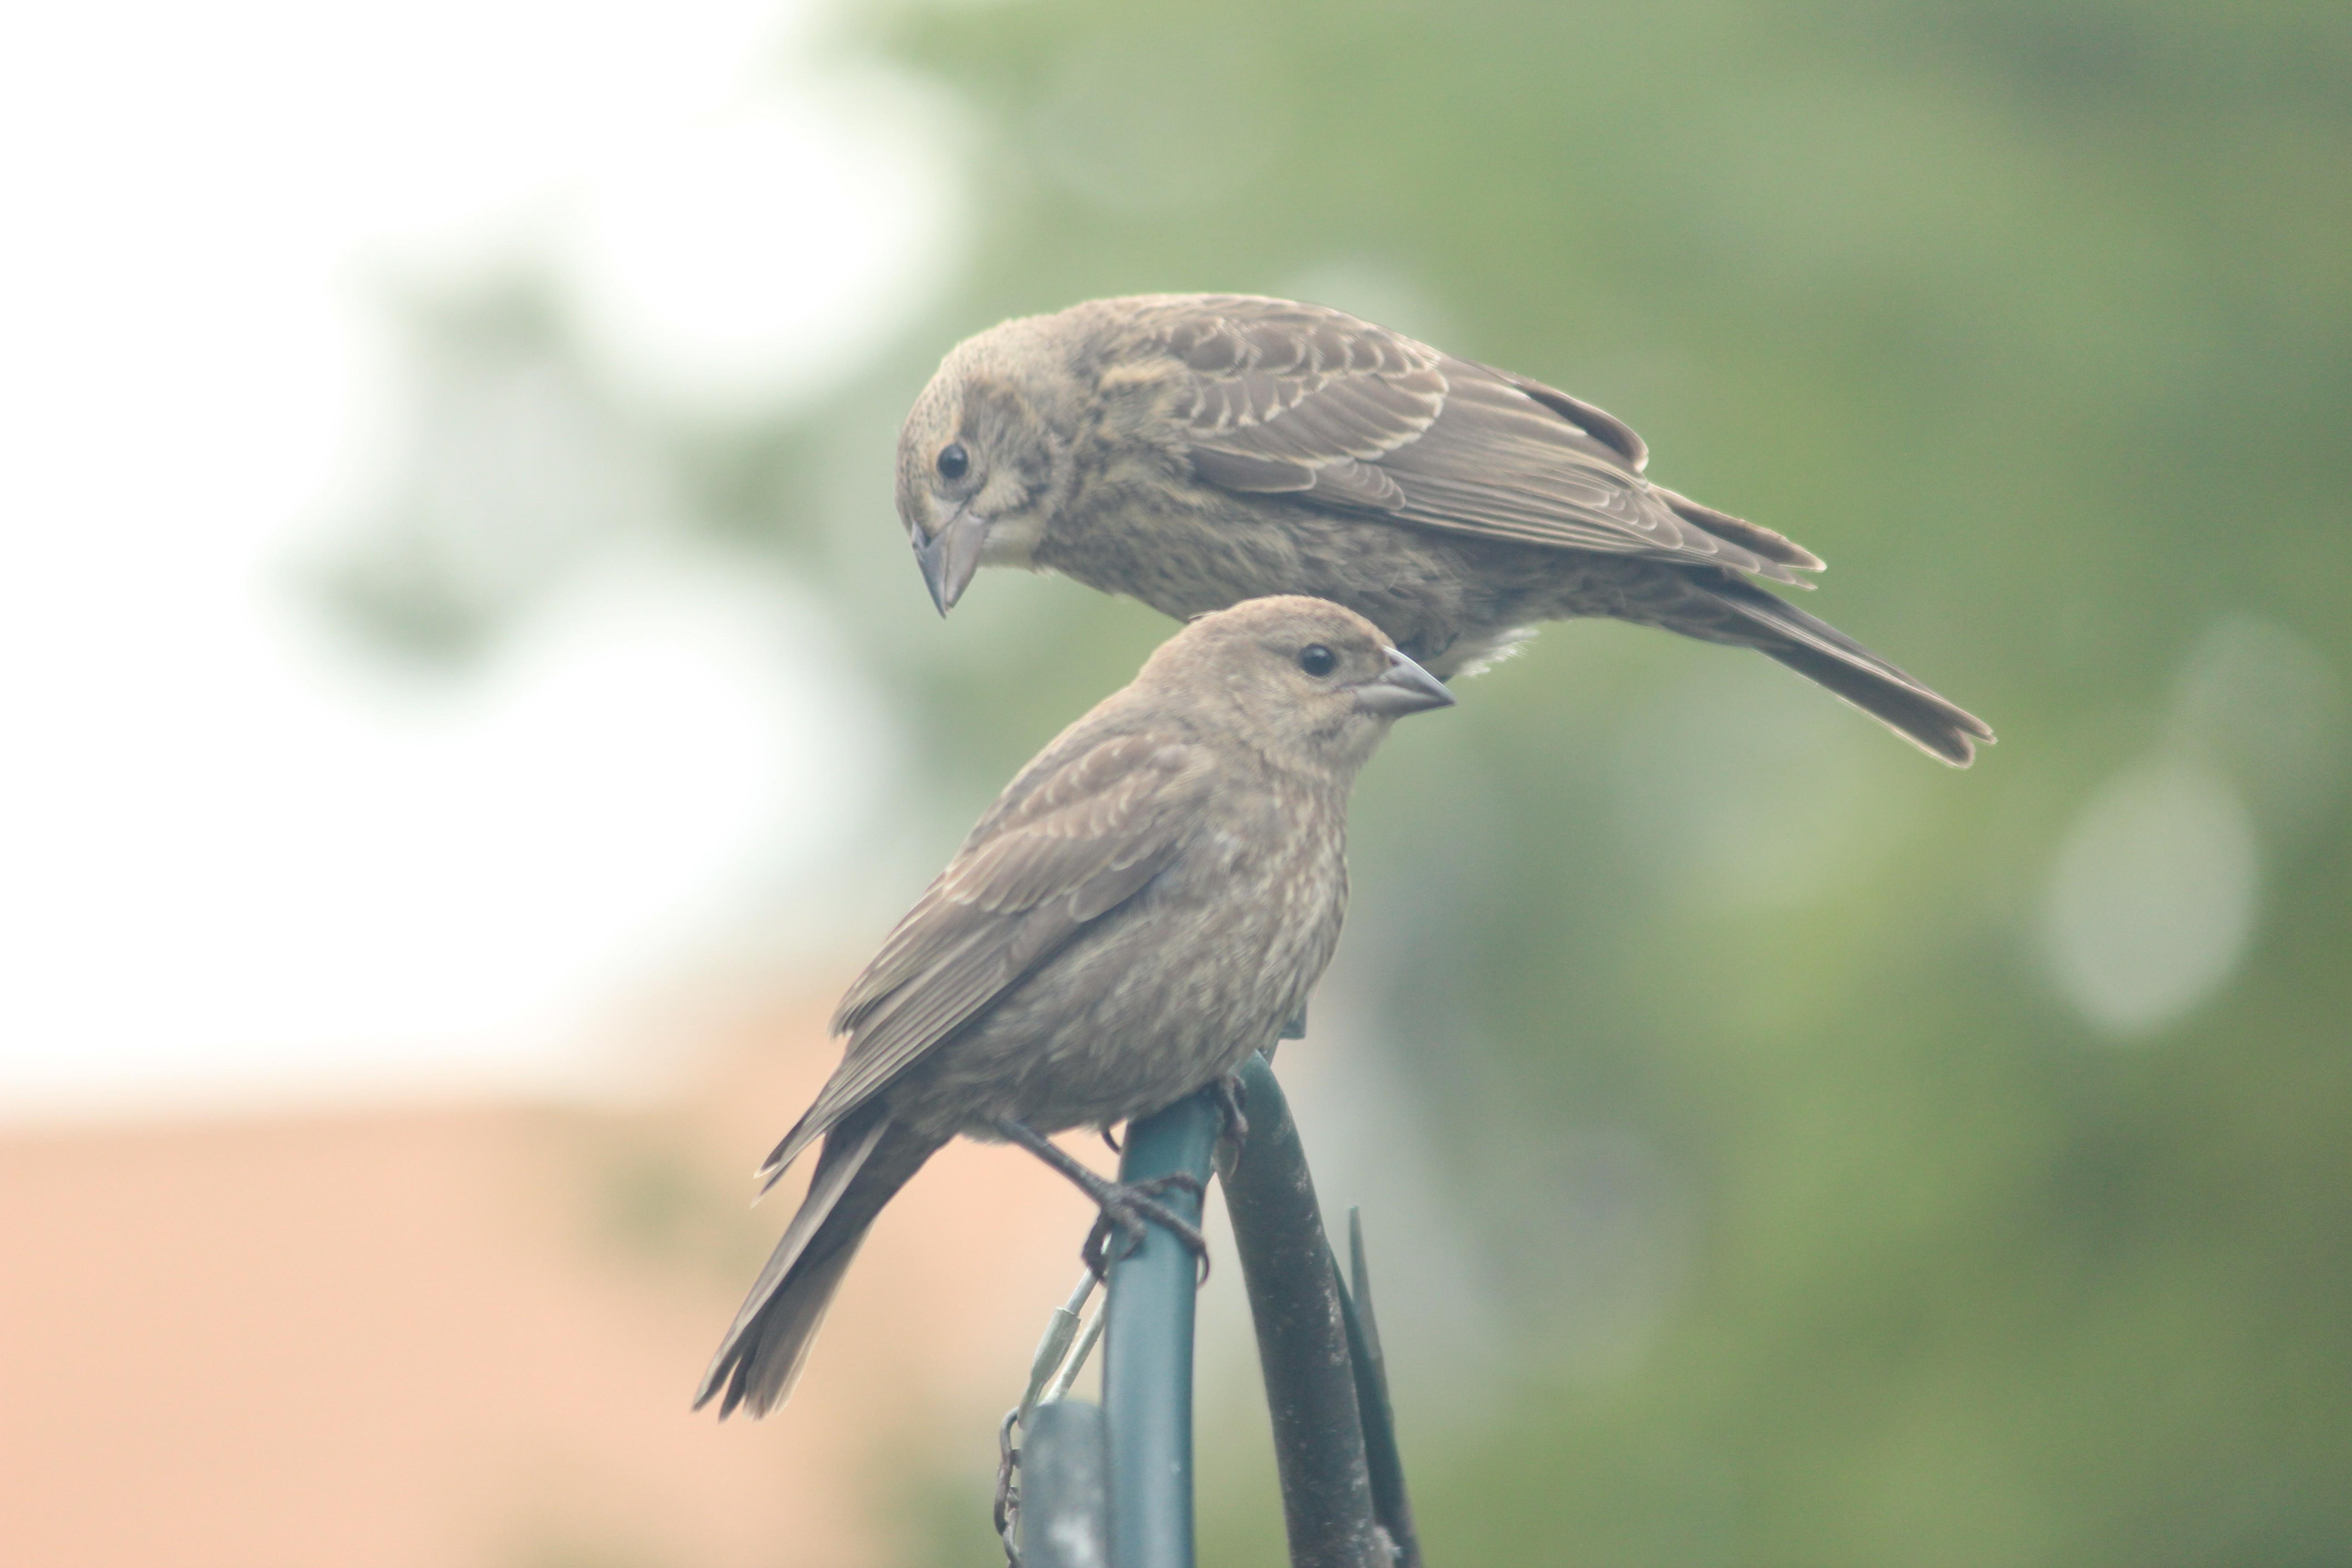 birdy, birdy by Laur720